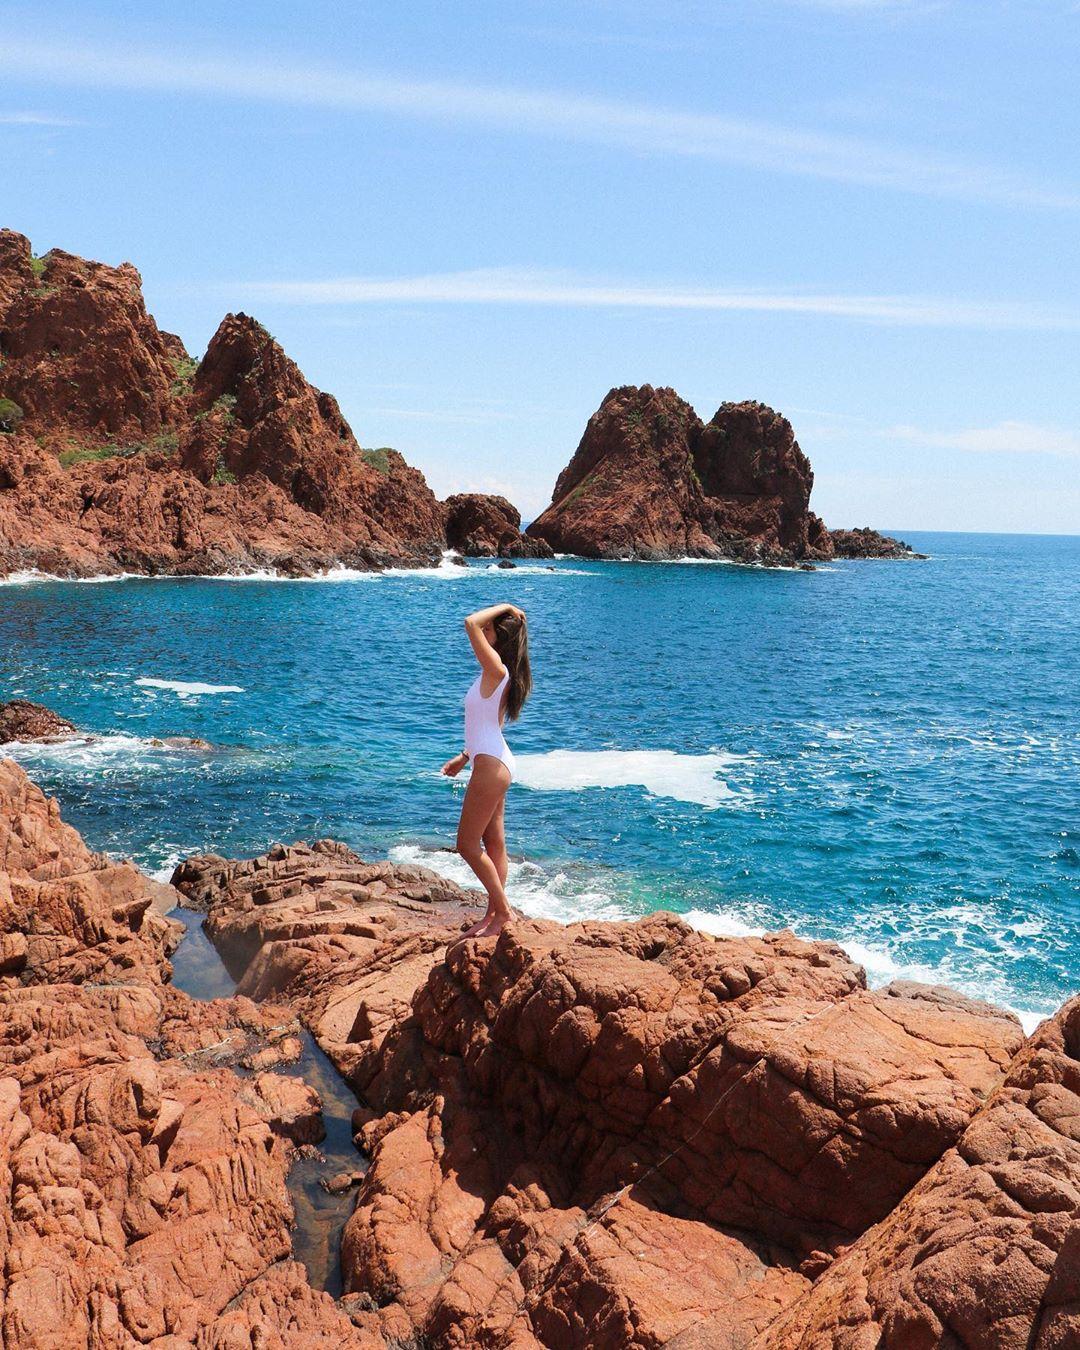 Partez à la découverte du massif de l'Esterel depuis votre hôtel 4 étoiles à Cannes - Crédit leadorablee